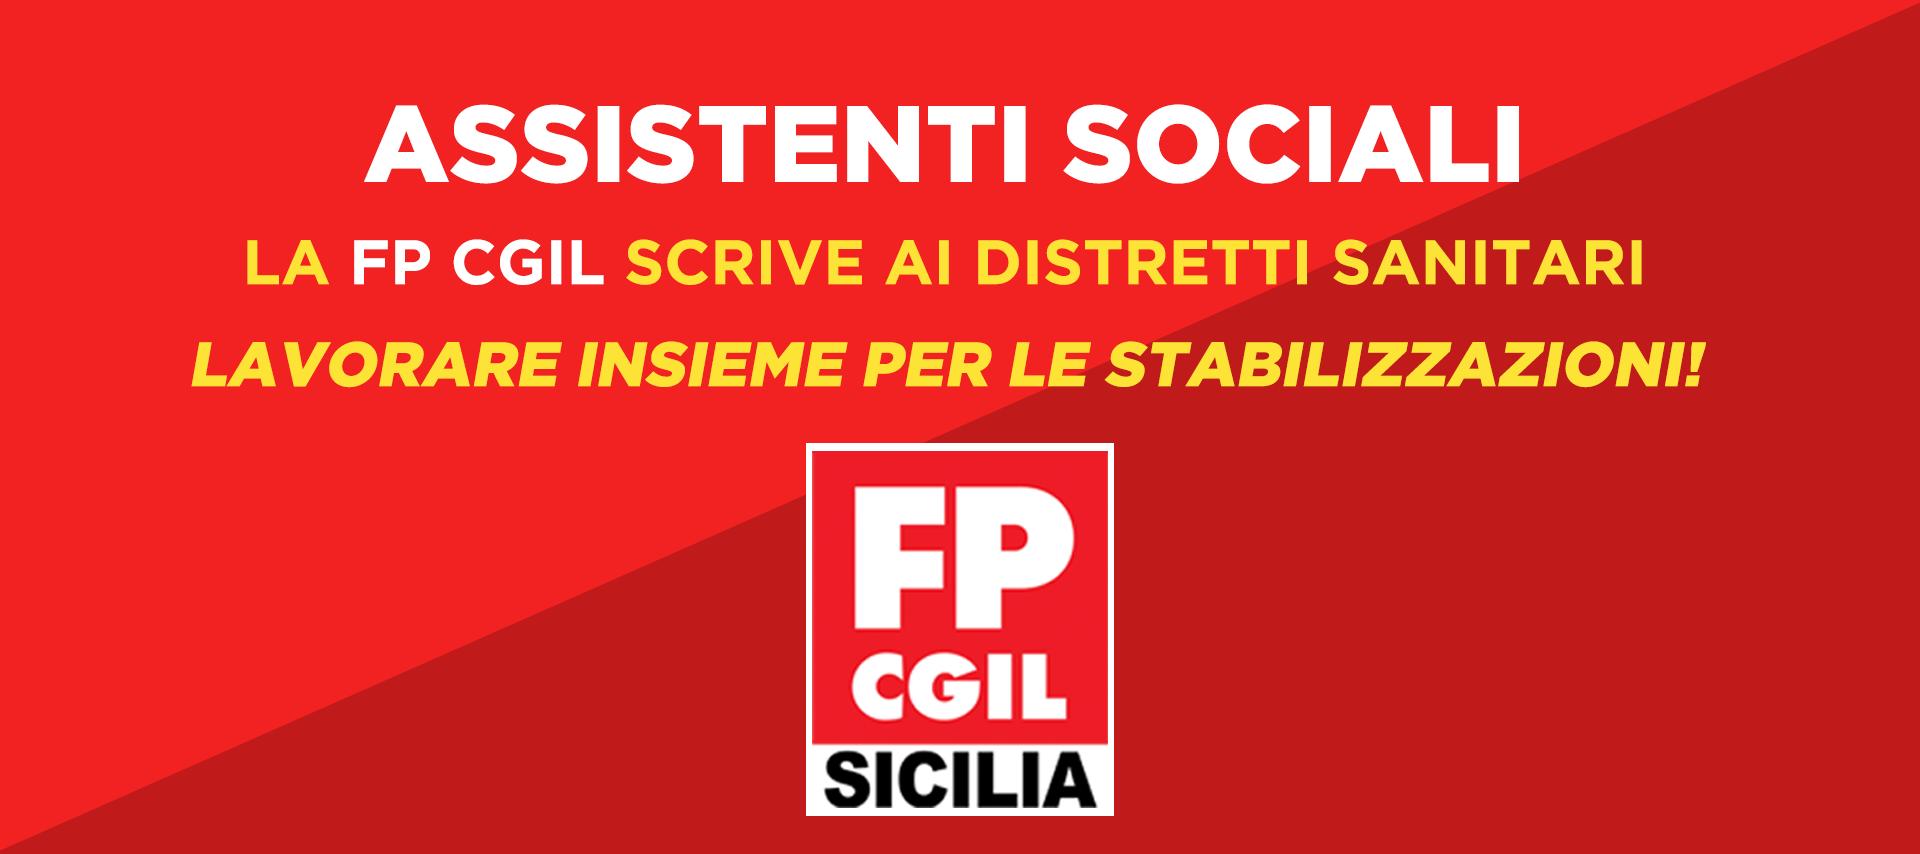 ASSISTENTI SOCIALI – LA FP CGIL SCRIVE AI DISTRETTI: LAVORIAMO INSIEME ALLA STABILIZZAZIONE!